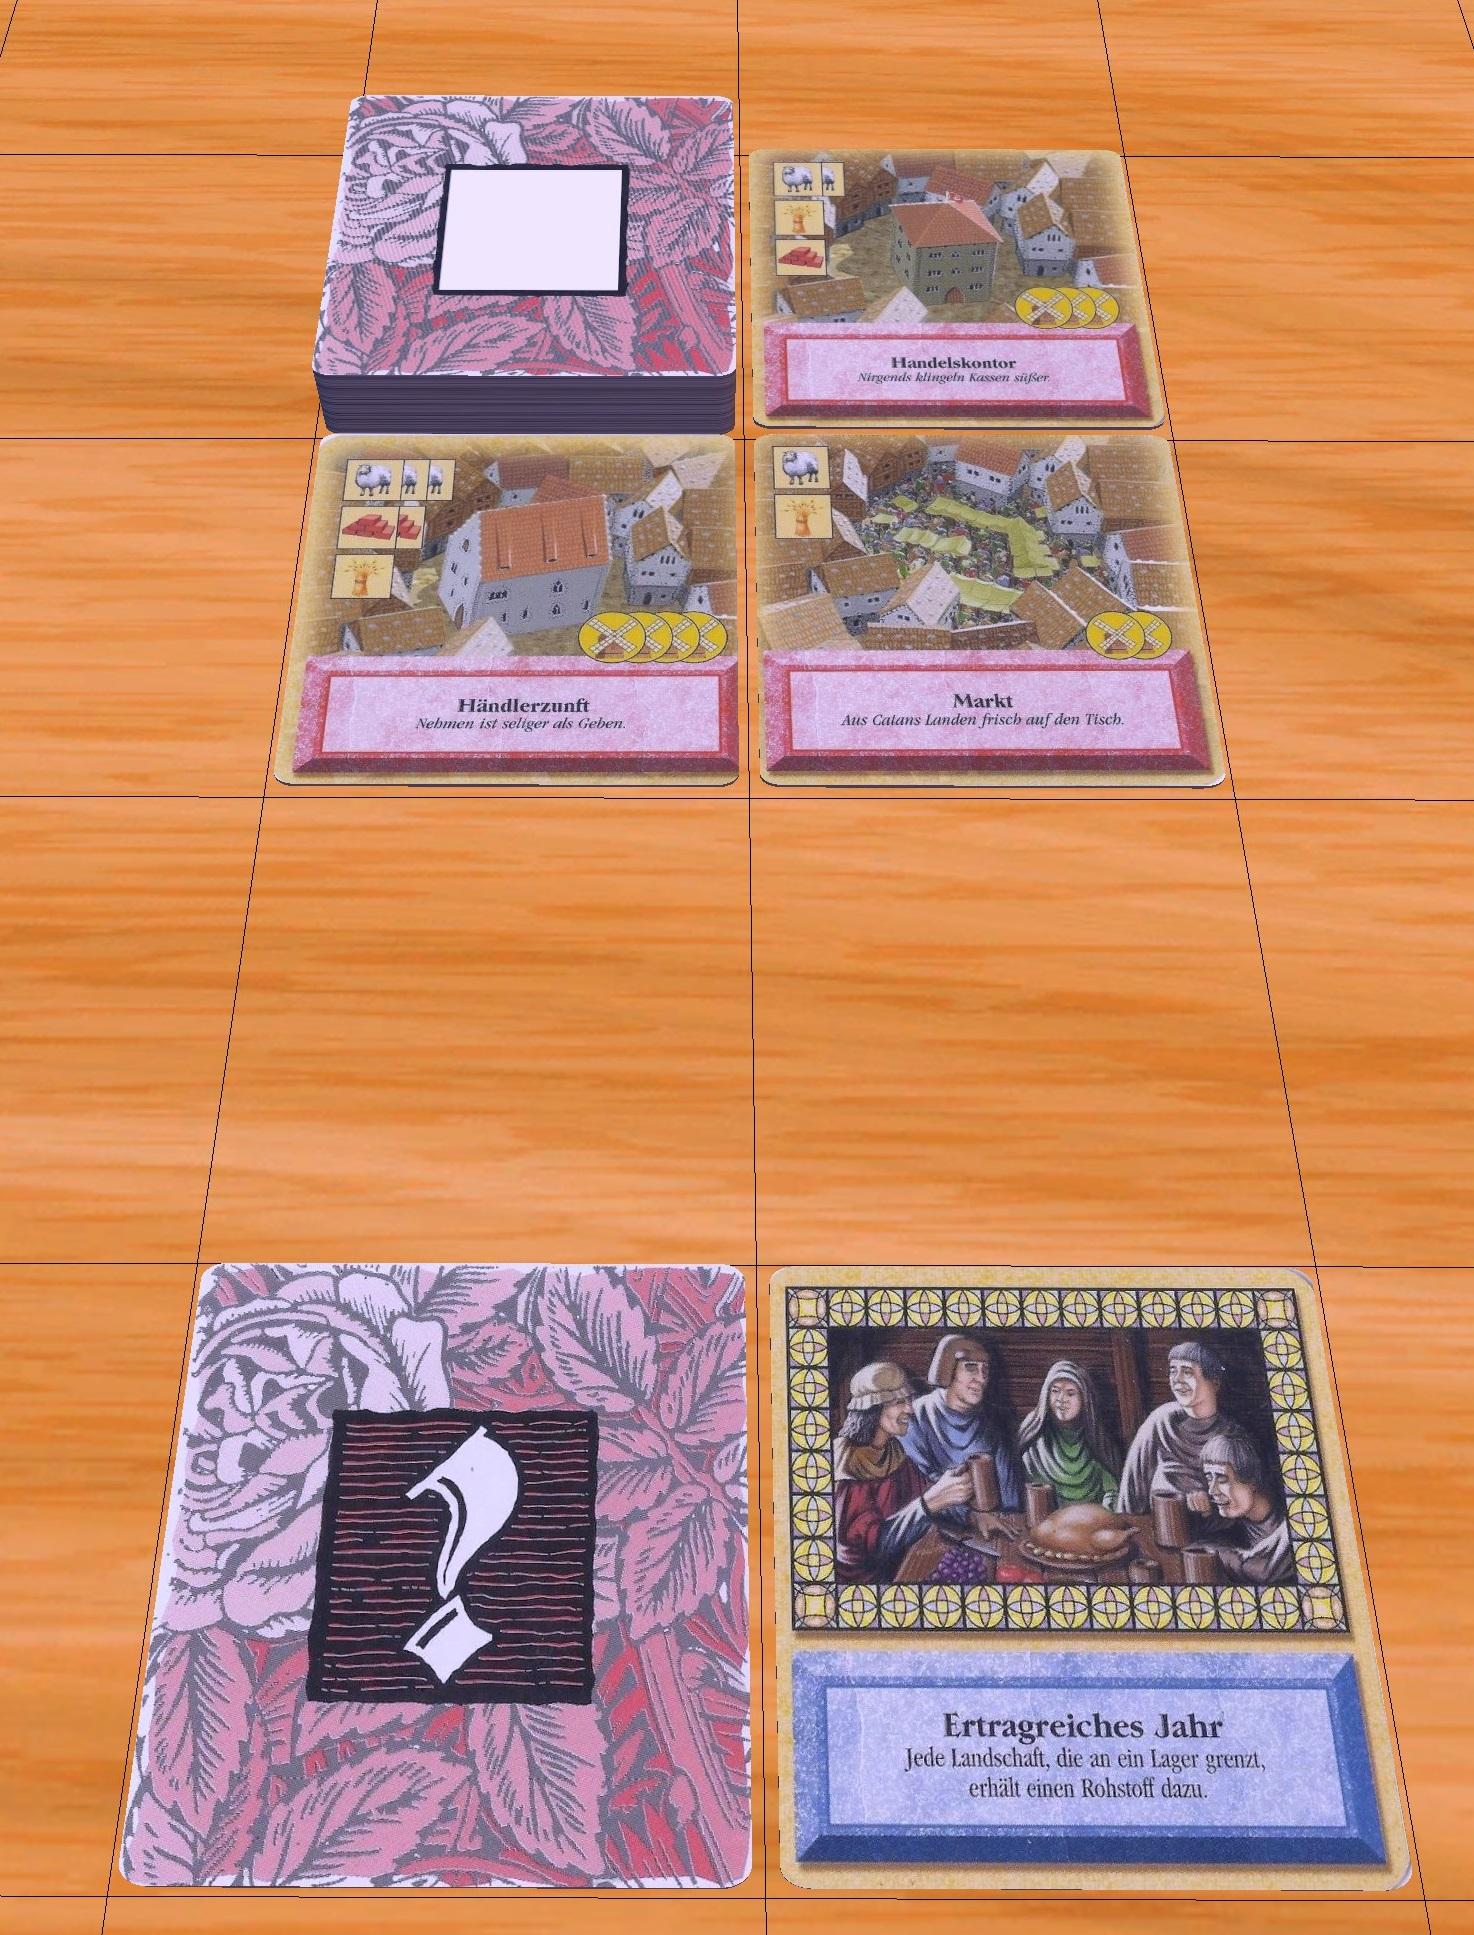 siedler von catan kartenspiel pc